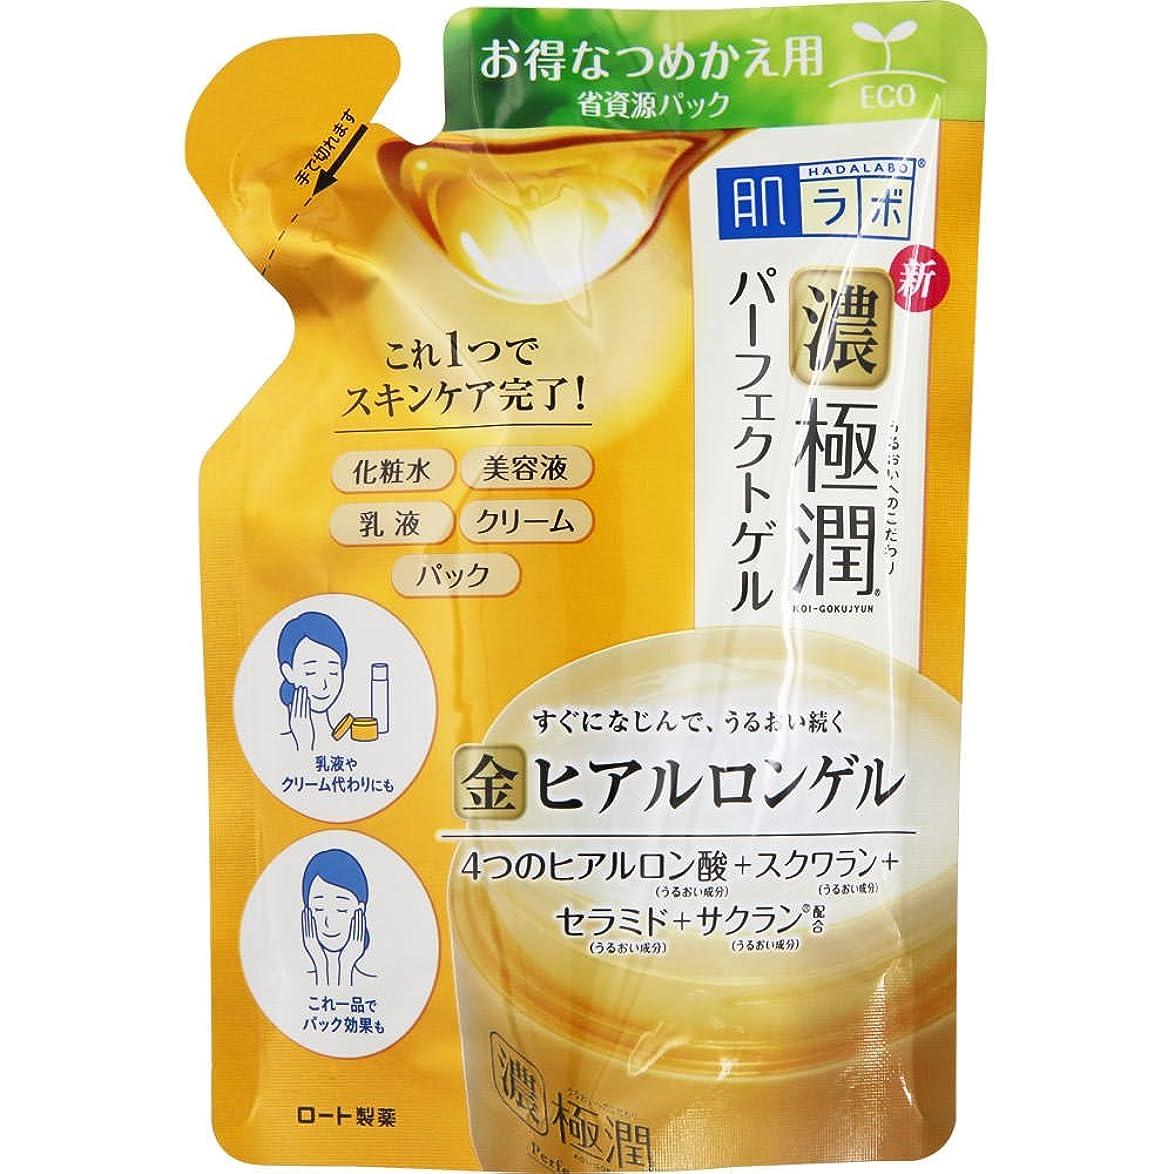 単に告白感じ肌ラボ 濃い極潤 オールインワン パーフェクトゲル 4つのヒアルロン酸×スクワラン×セラミド×サクラン配合 詰替用 80g